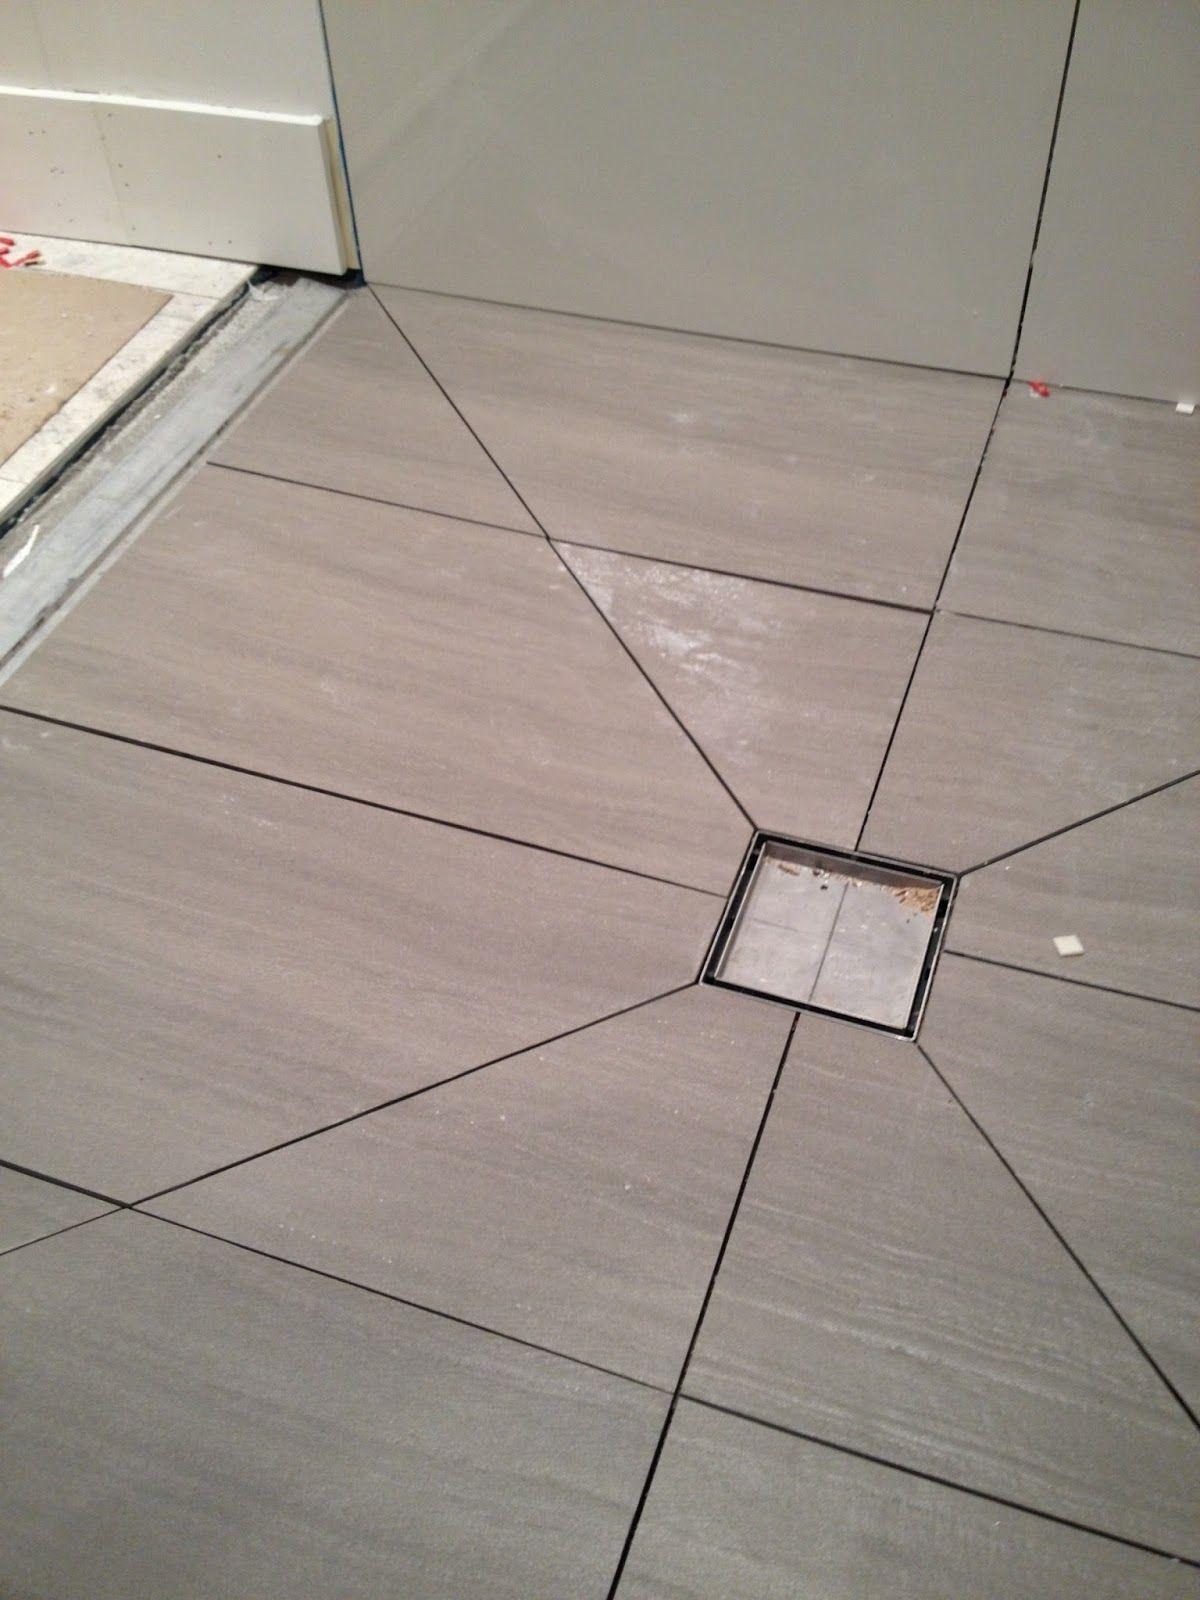 Tile Shower Floor On Concrete Slab Shower Tile Shower Floor Large Shower Tile